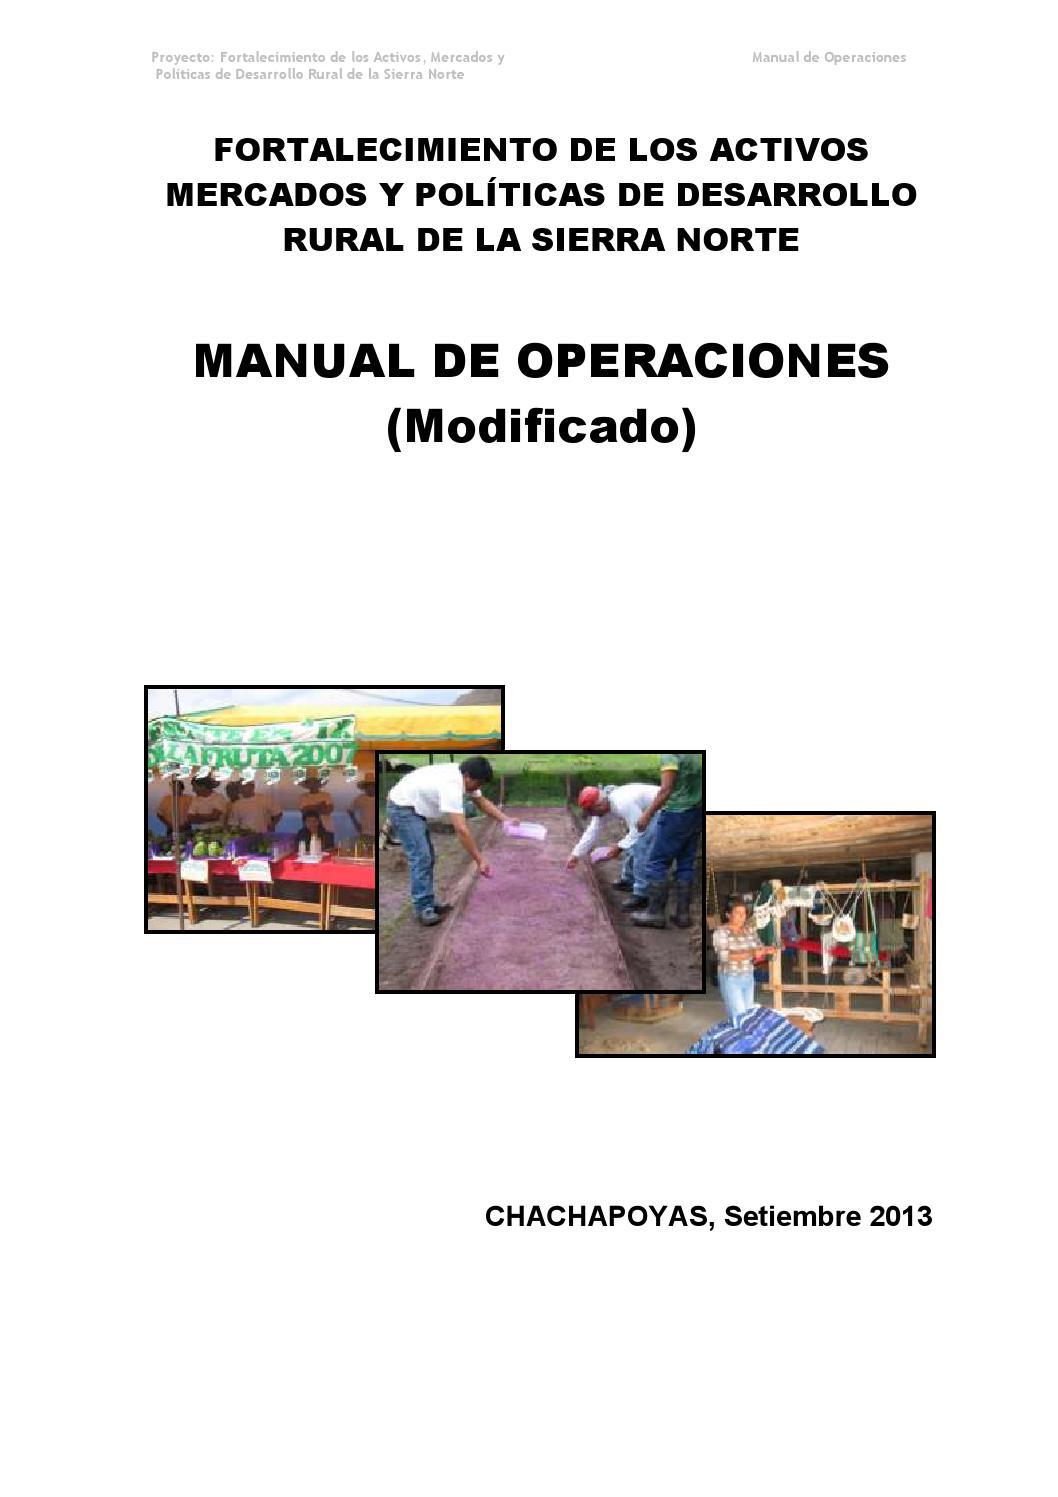 Manual de operaciones - NEC SIERRA NORTE by AGRORURAL - issuu